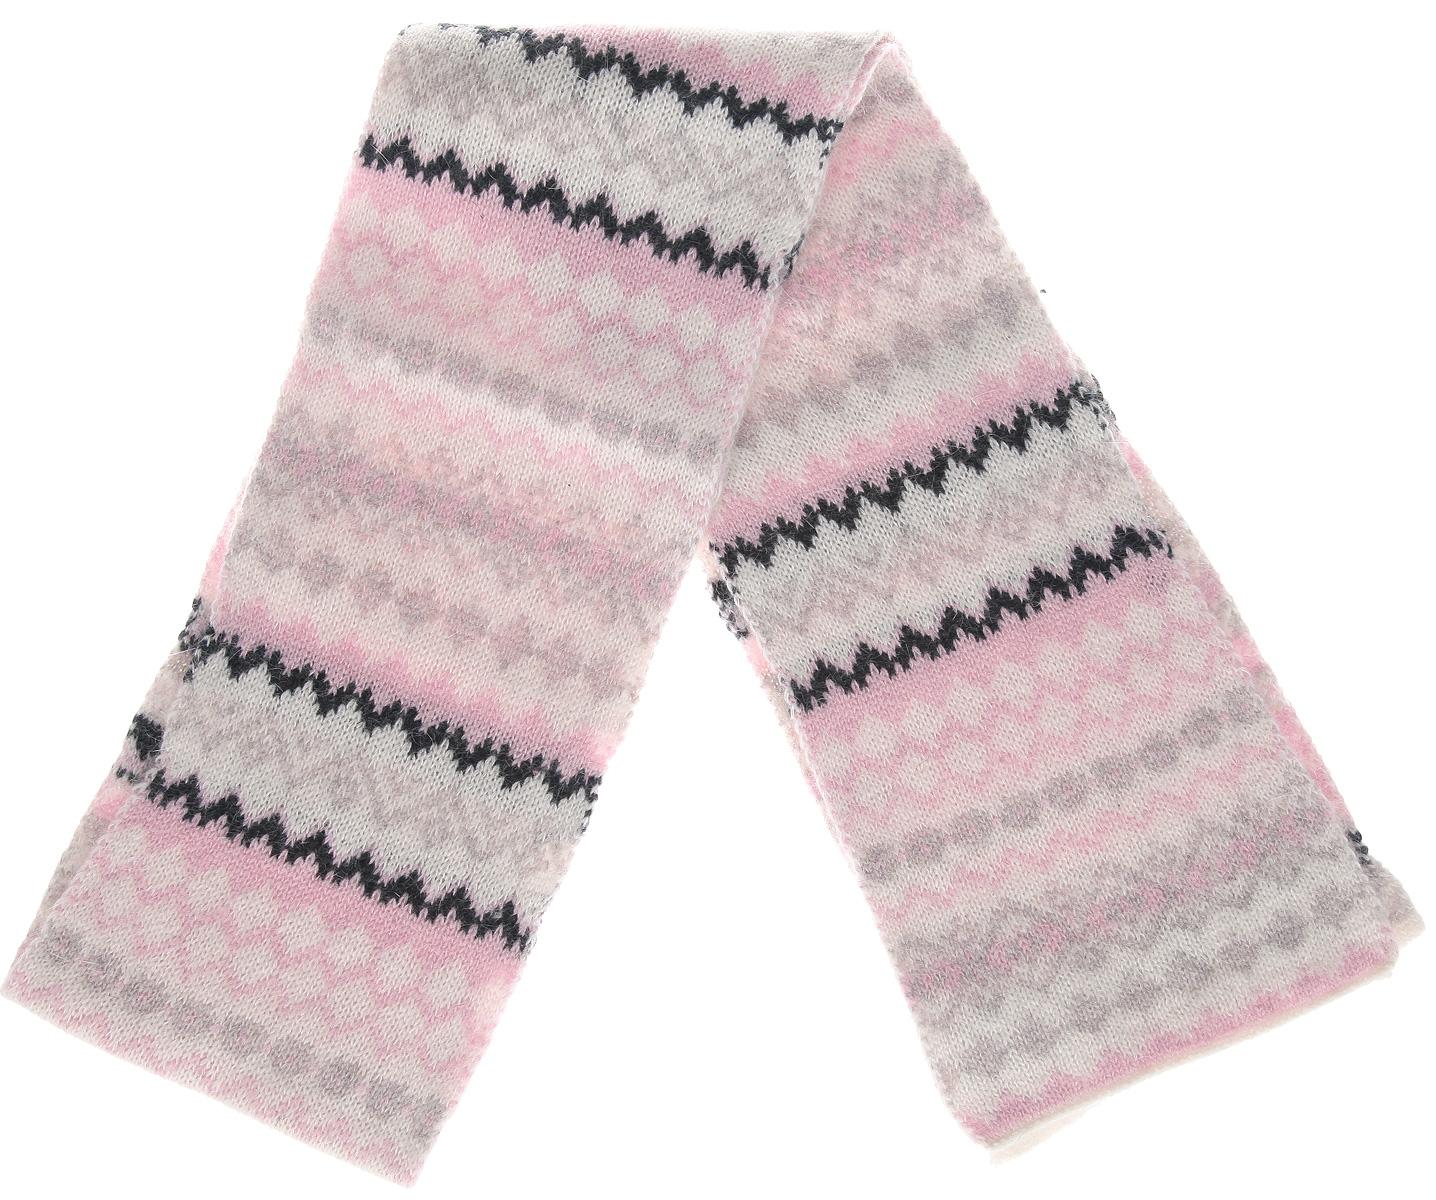 Шарф женский. SC-142/055AYSC-142/055AY-5404Стильный женский шарф Sela отлично дополнит ваш образ в холодную погоду. Сочетание нейлона, шерсти и ангоры прекрасно сохраняет тепло и обеспечивает удобную посадку. Великолепный шарф прекрасно подойдет к верхней одежде и подчеркнет вашу индивидуальность.